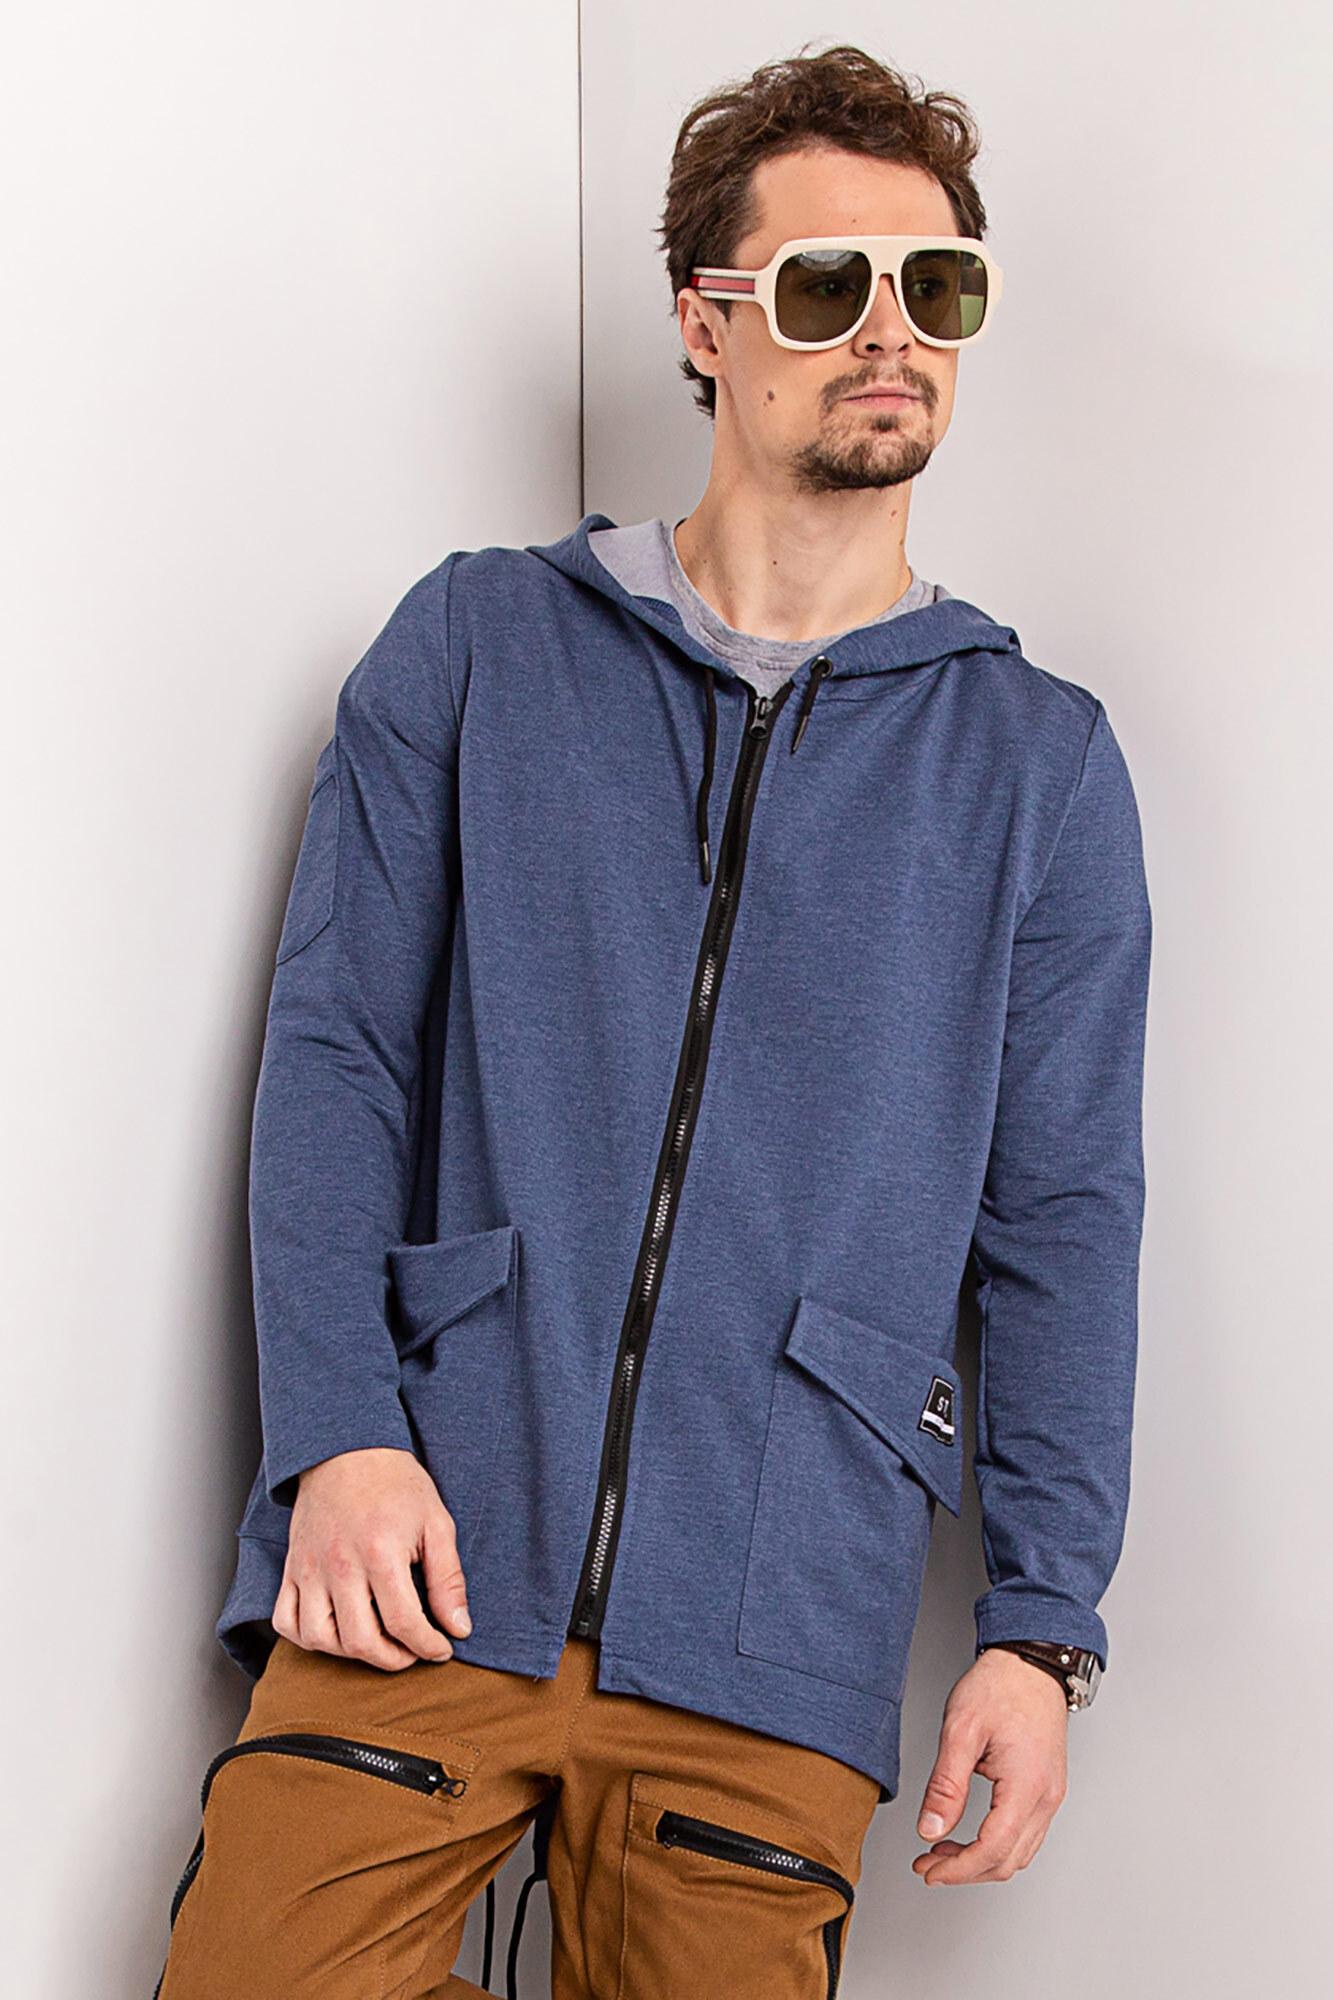 GEN Трикотажный кардиган синего цвета на молнии с капюшоном и большими карманами